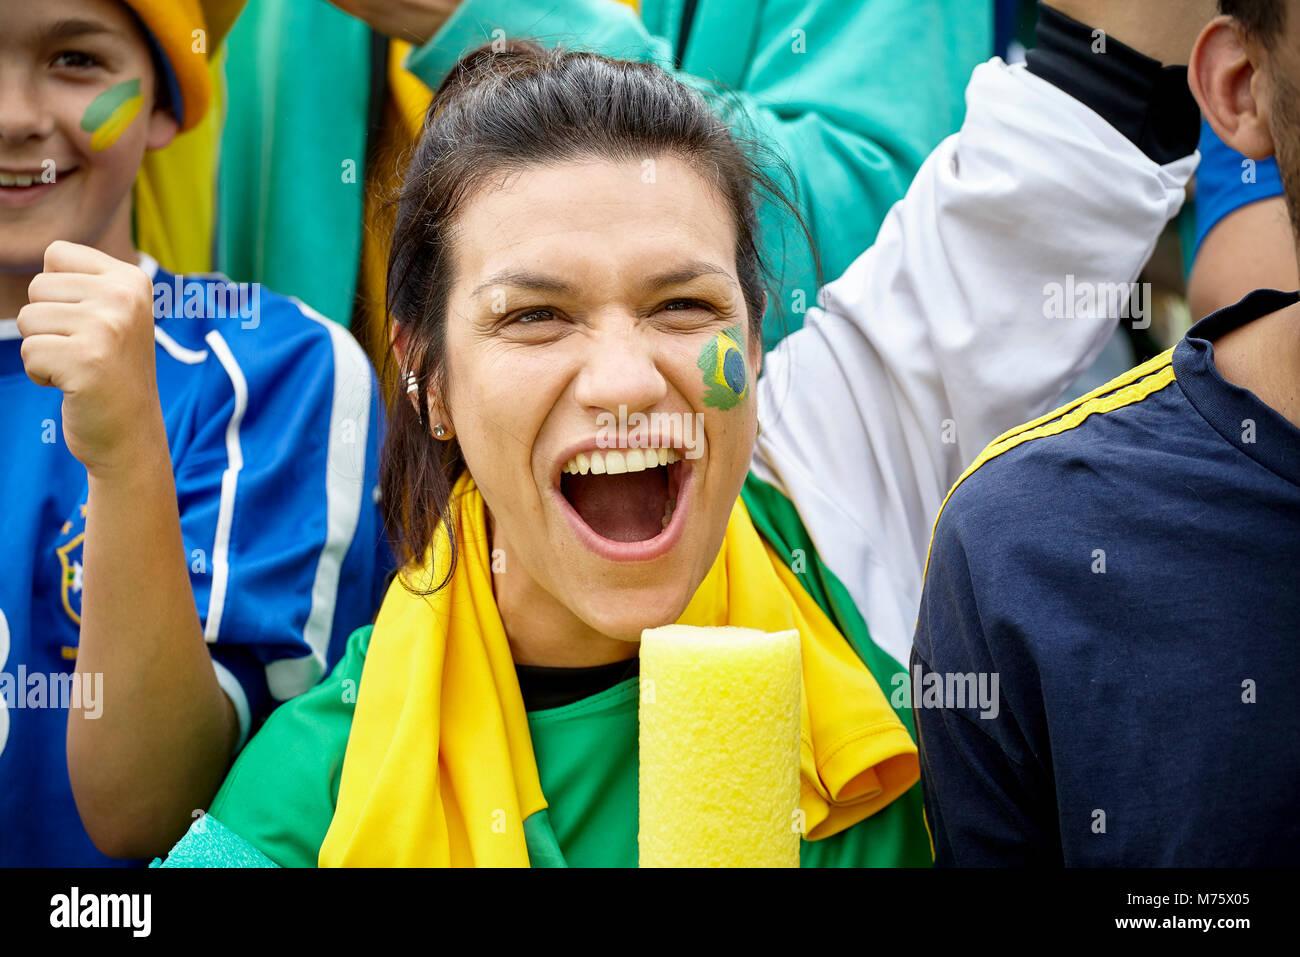 Brasilianischen Fußball-Fan Jubel bei Match Stockbild